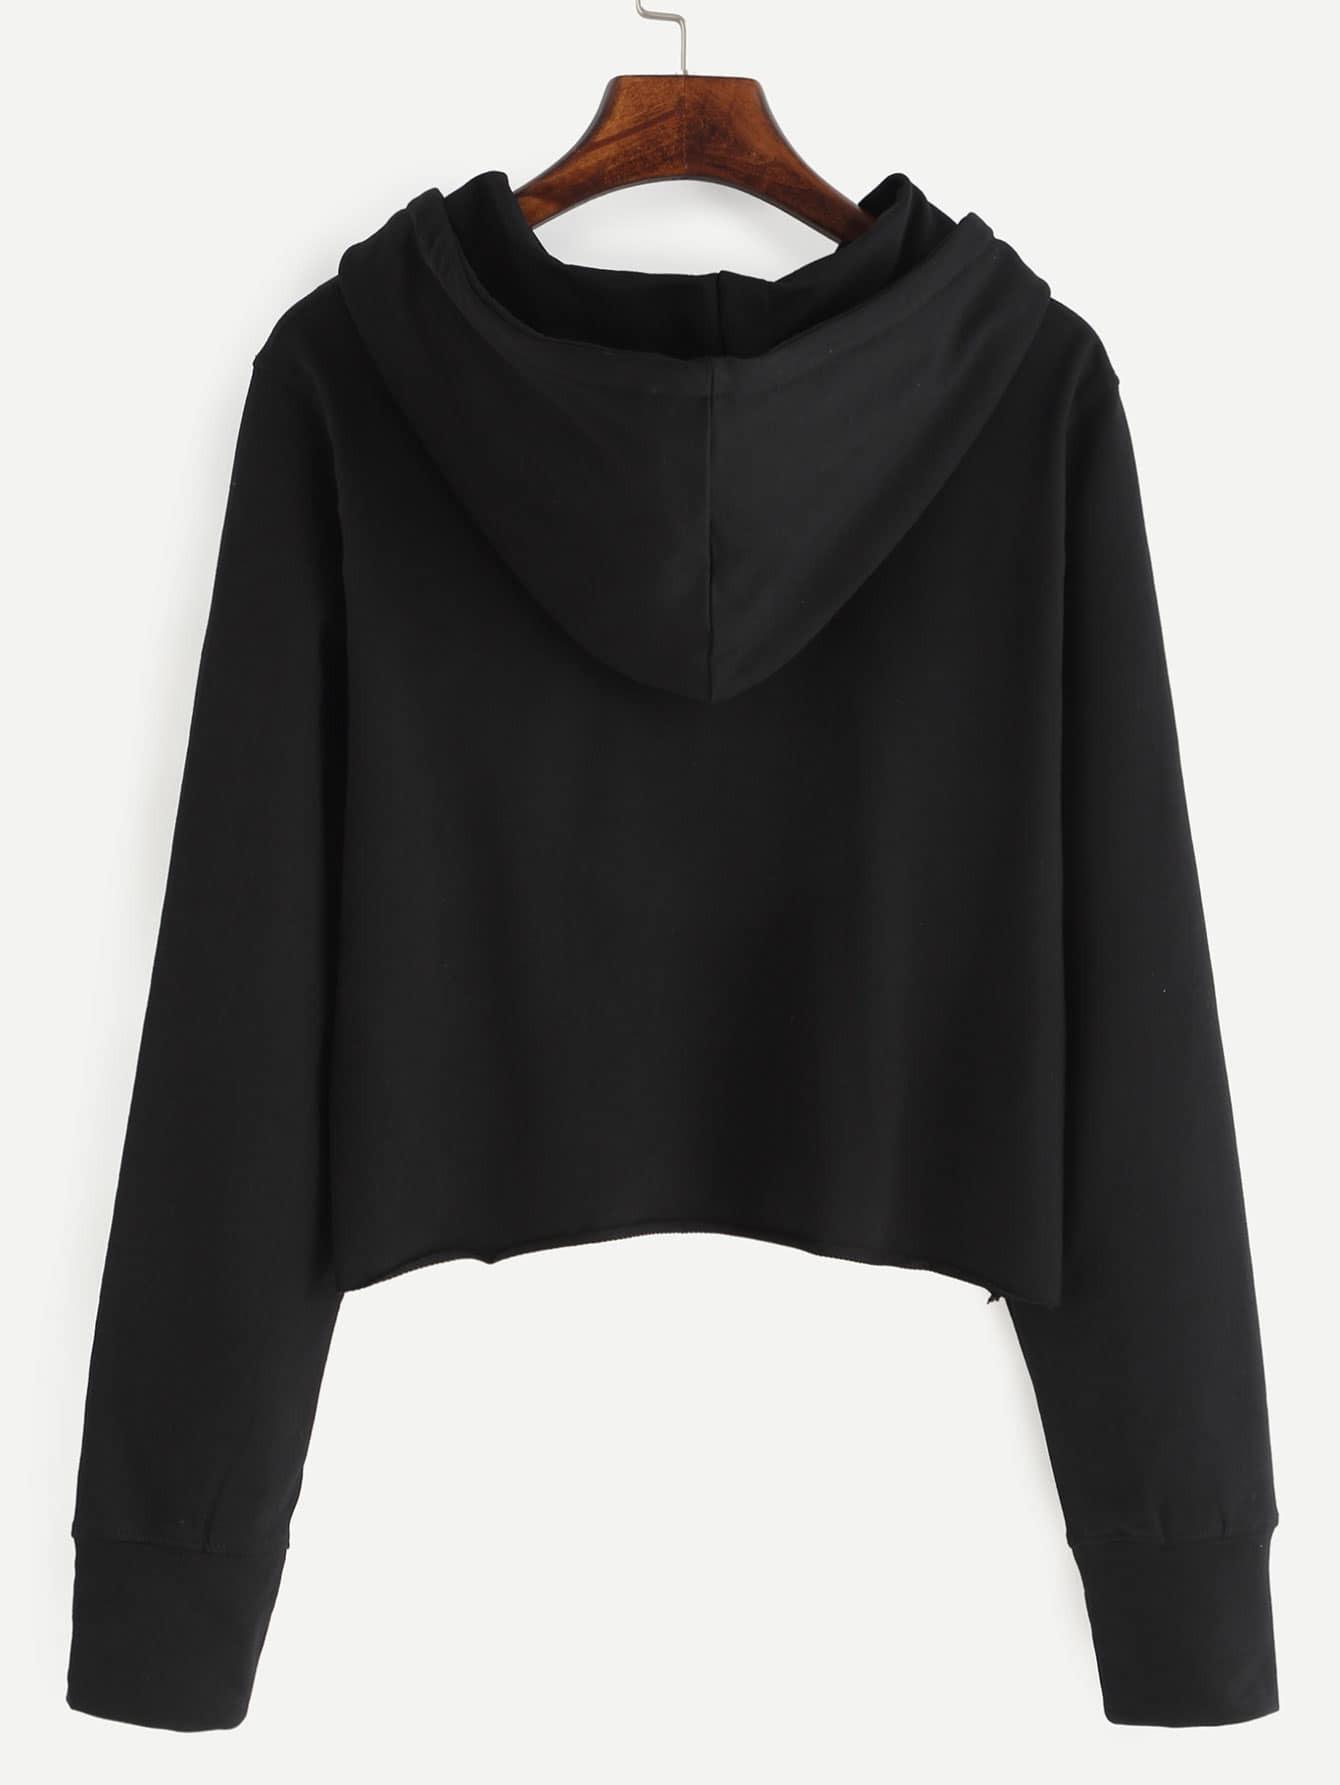 sweatshirt160819005_2